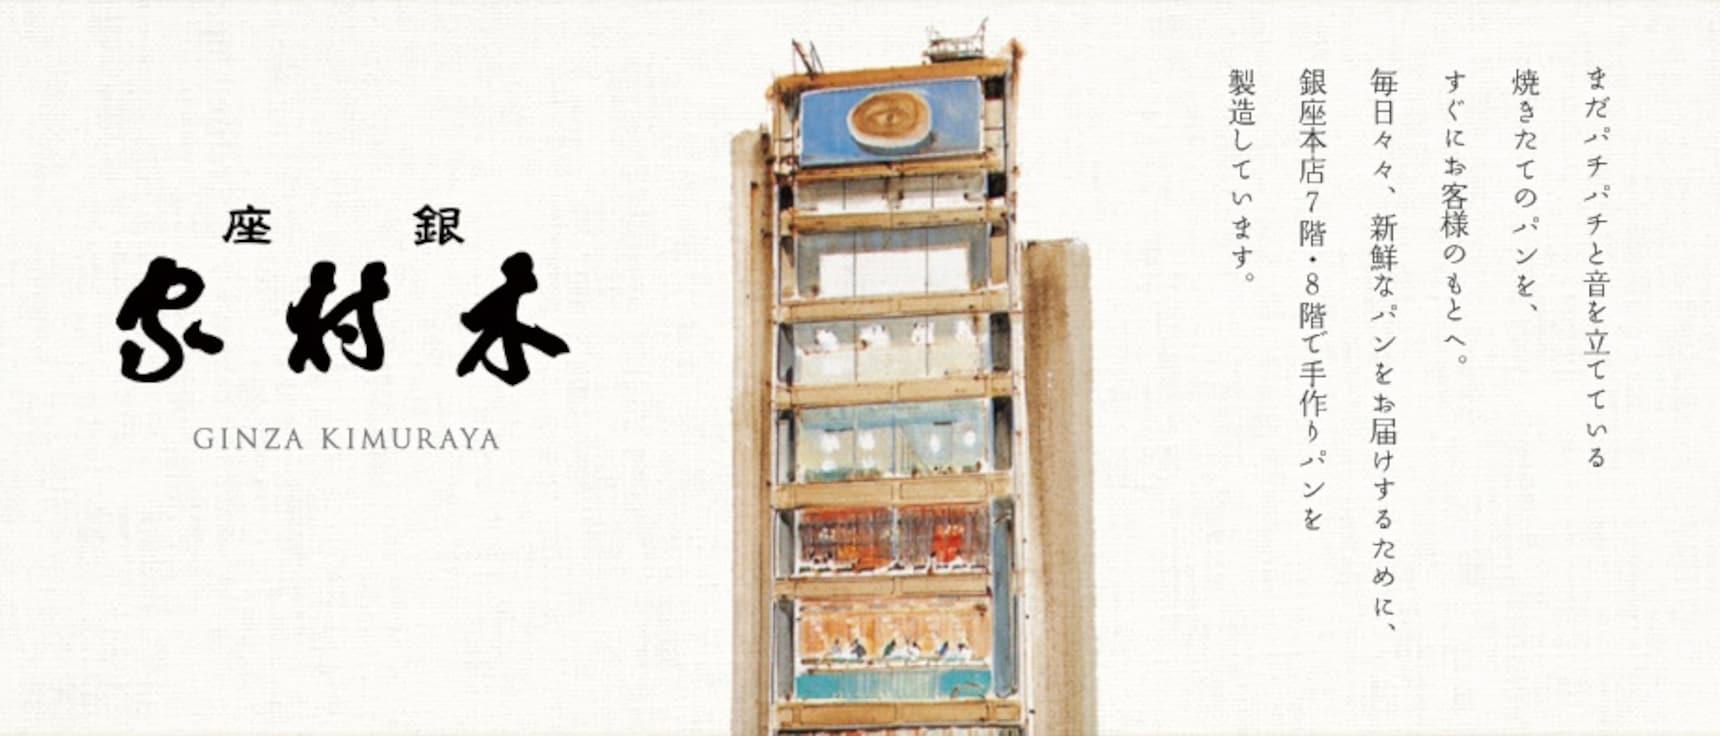 你所不知道的木村屋 ー 日本高級紅豆包的樂園